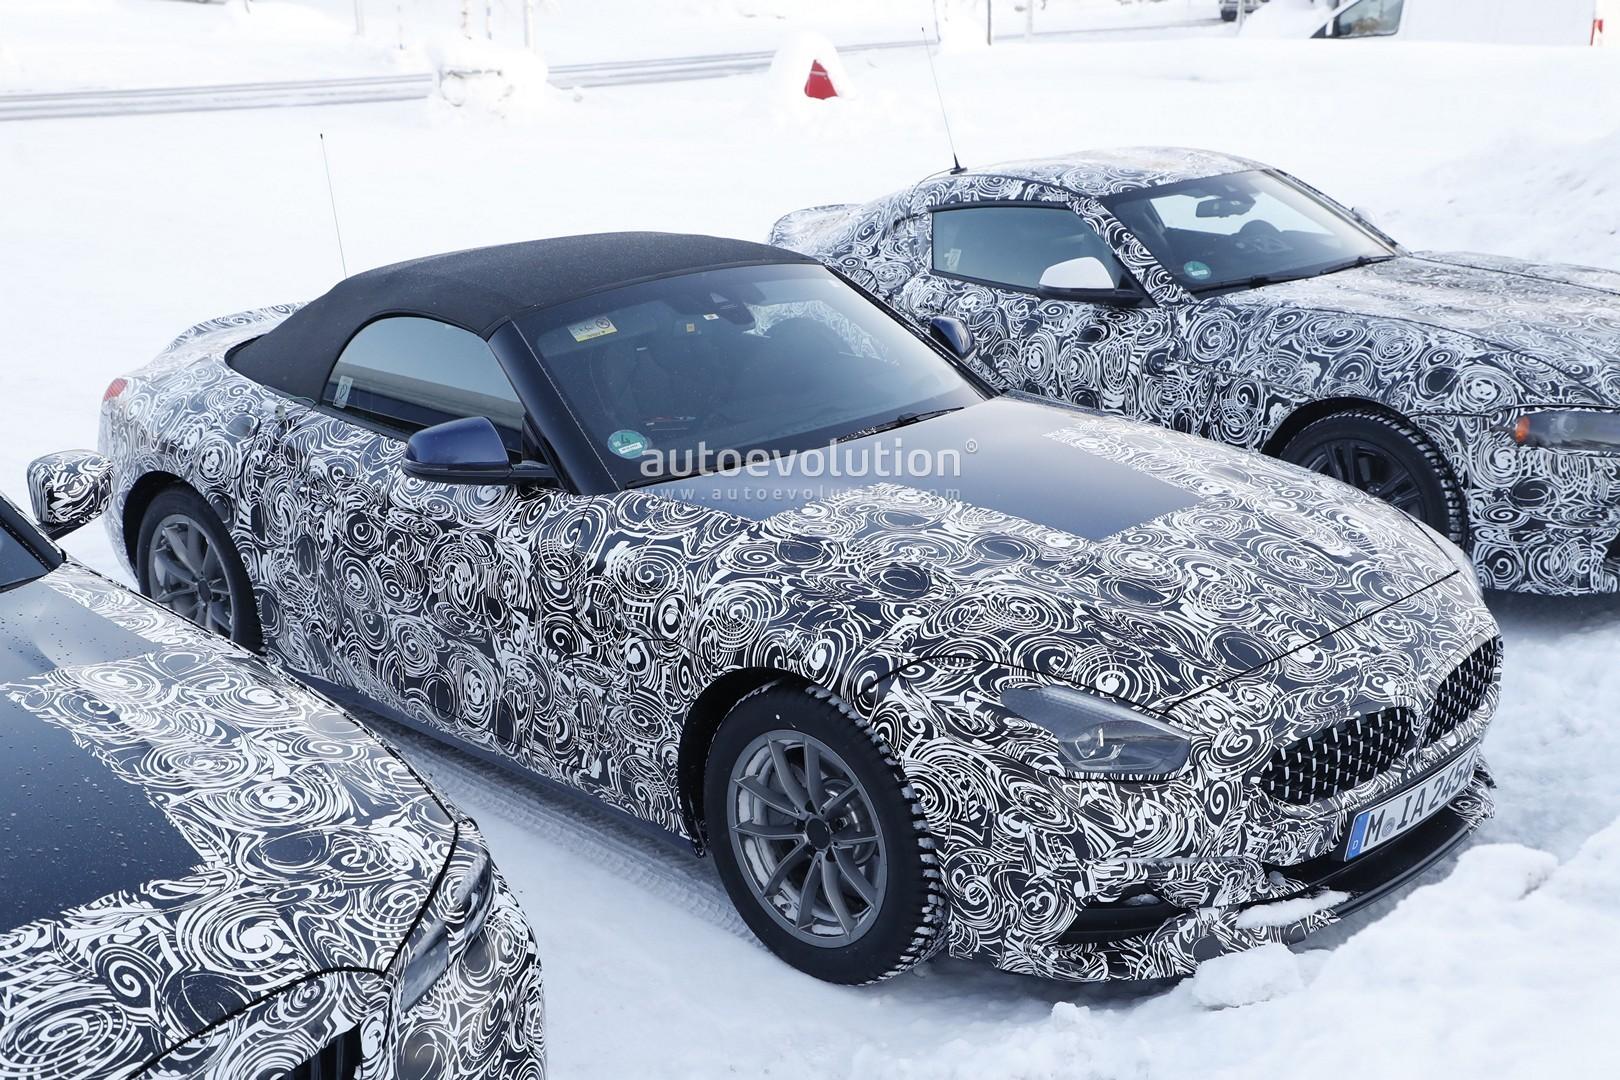 2019 Bmw Z4 Spied Next To Toyota Supra And Next 3 Series